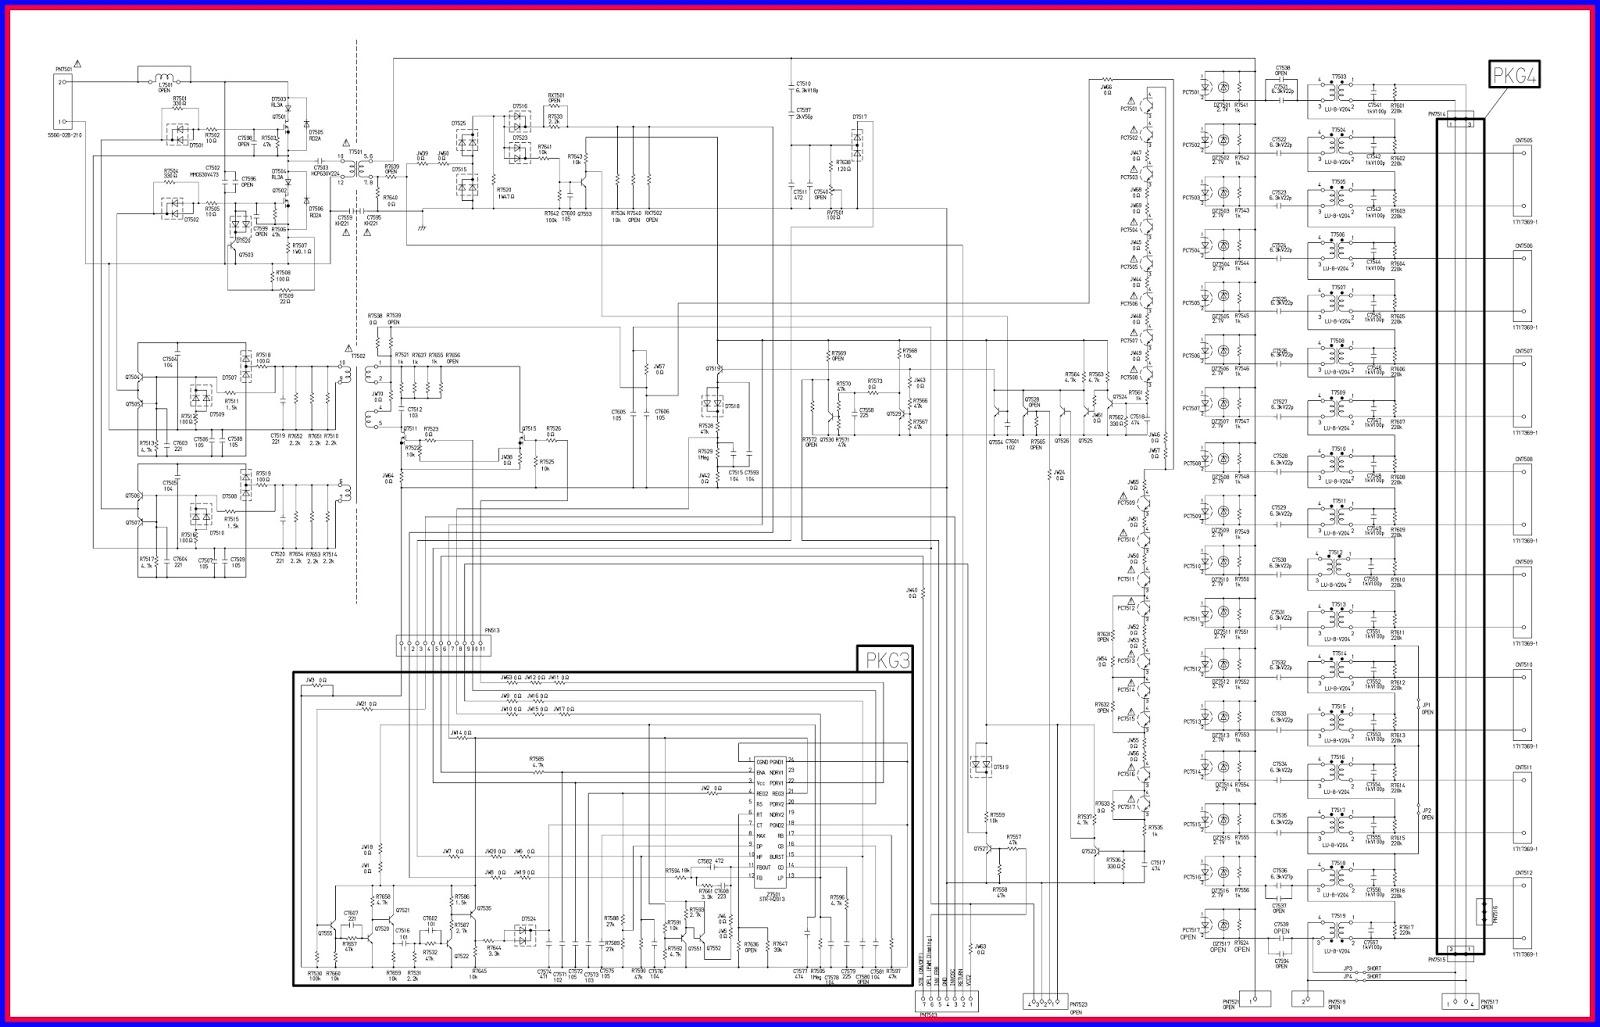 Wiring Diagram Ac Sharp Inverter Free Download Wiring Diagram